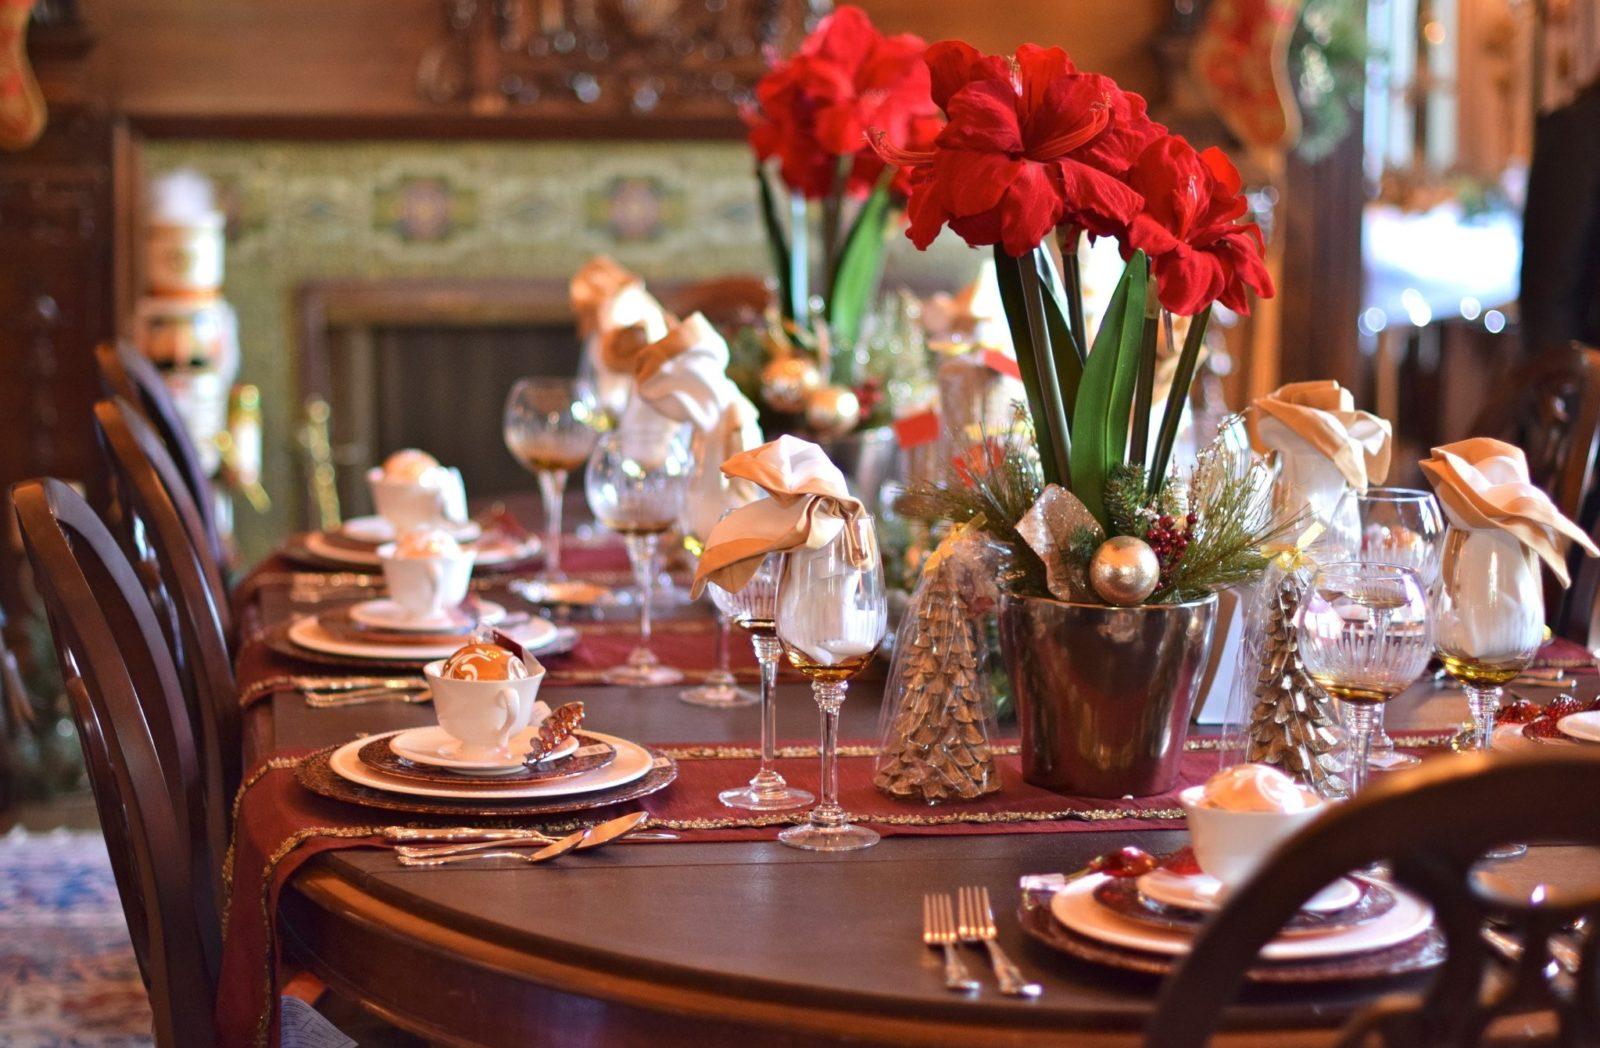 Идеи сервировки стола в домашних условиях: варианты на разные случаи | +88 фото